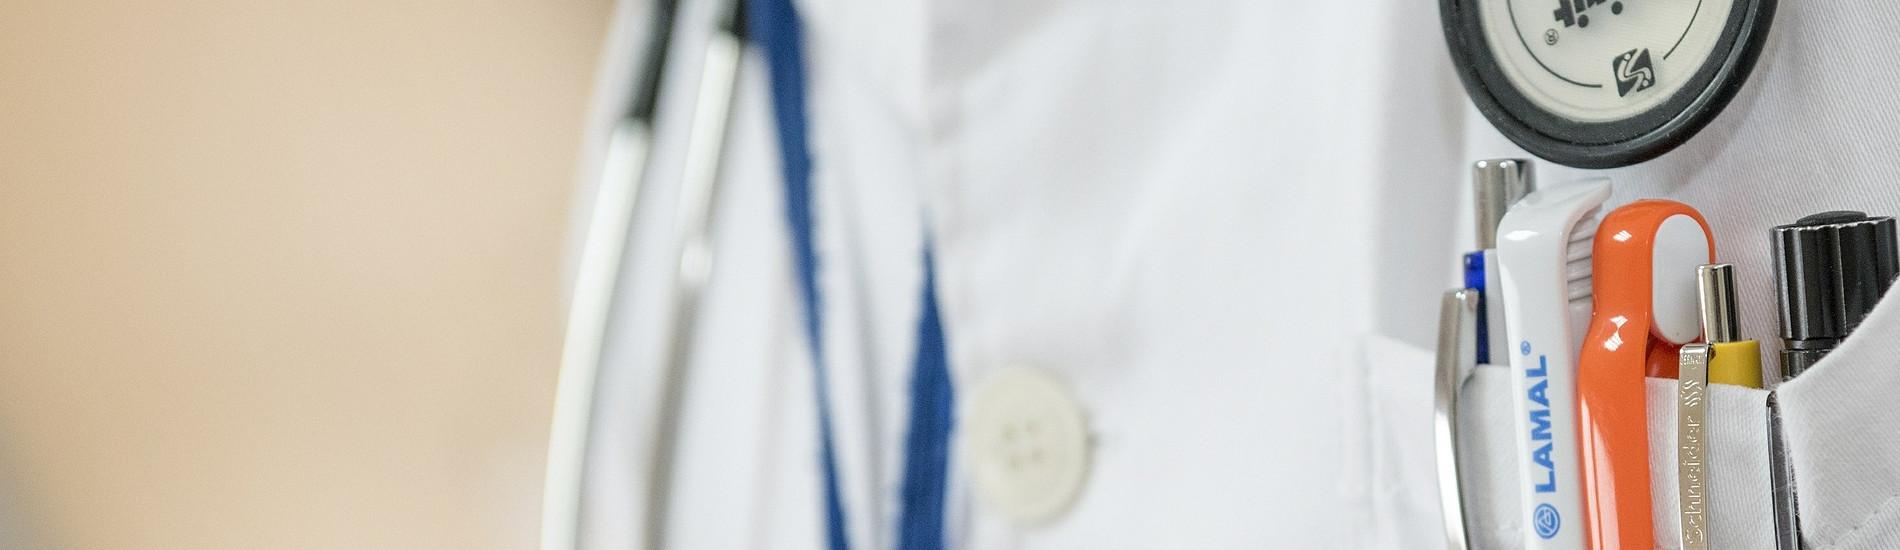 Poświadczenie nieprawdy przez lekarza